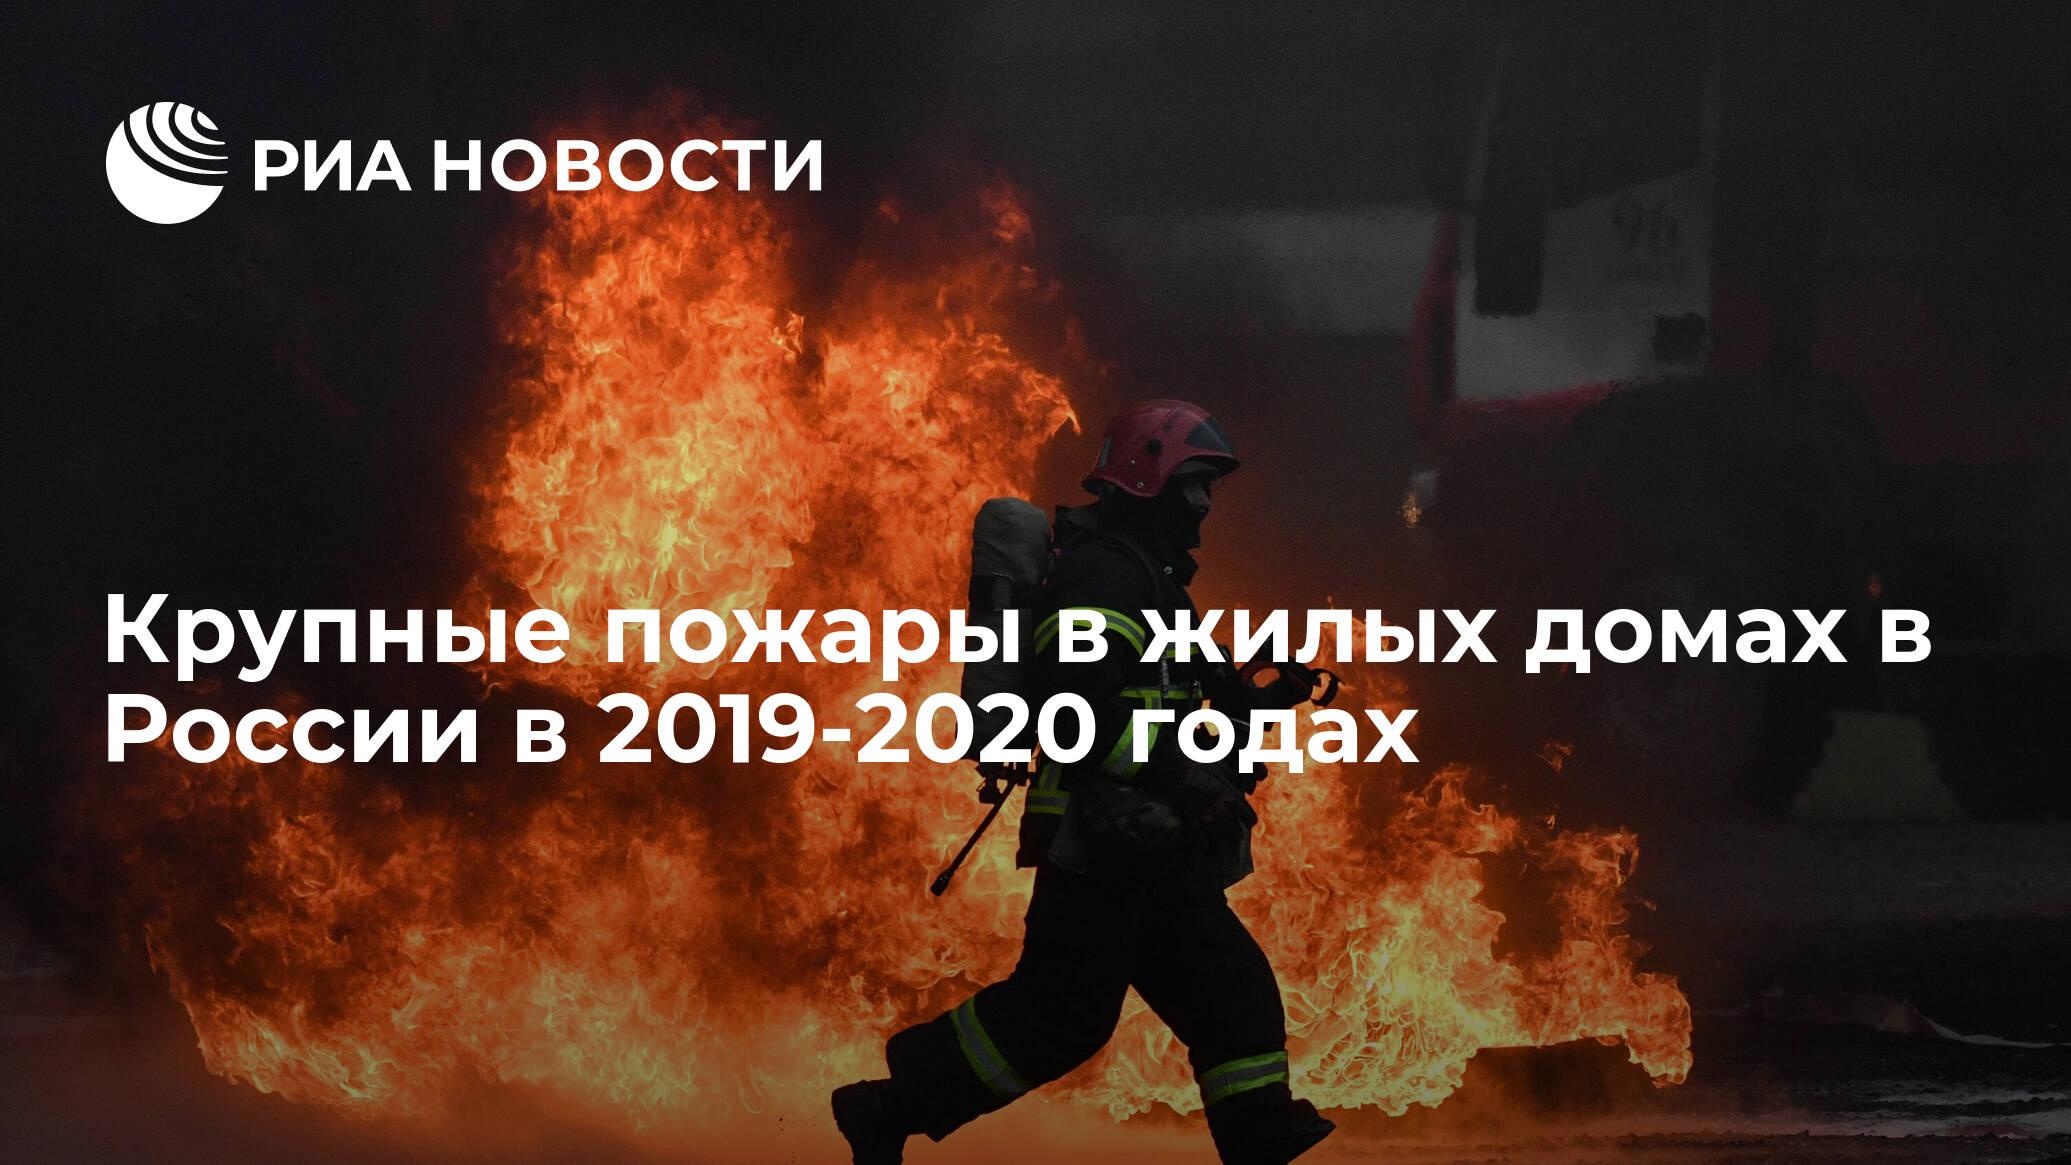 Крупные пожары в жилых домах в России в 2019-2020 годах ...